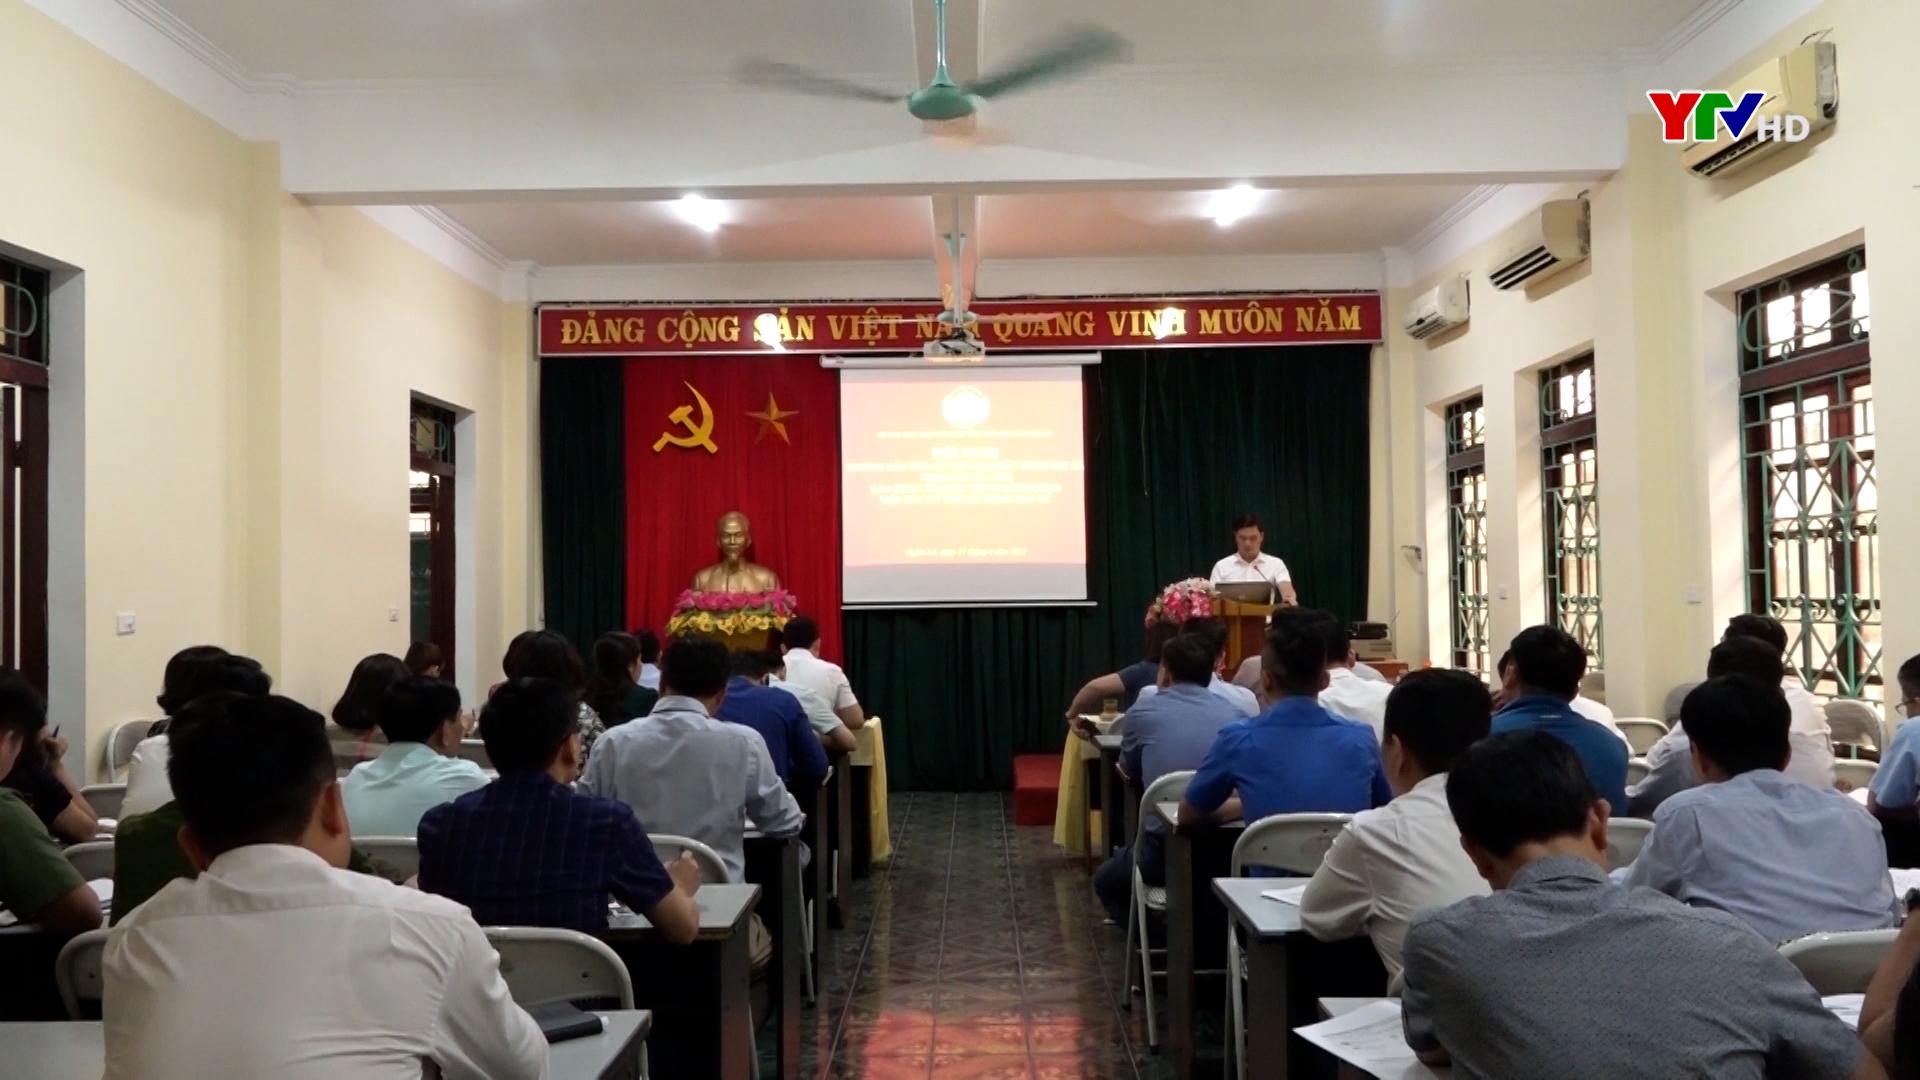 Ủy ban MTTQ thị xã Nghĩa Lộ hướng dẫn xây dựng chương trình hành động cho 48 ứng cử viên đại biểu HĐND